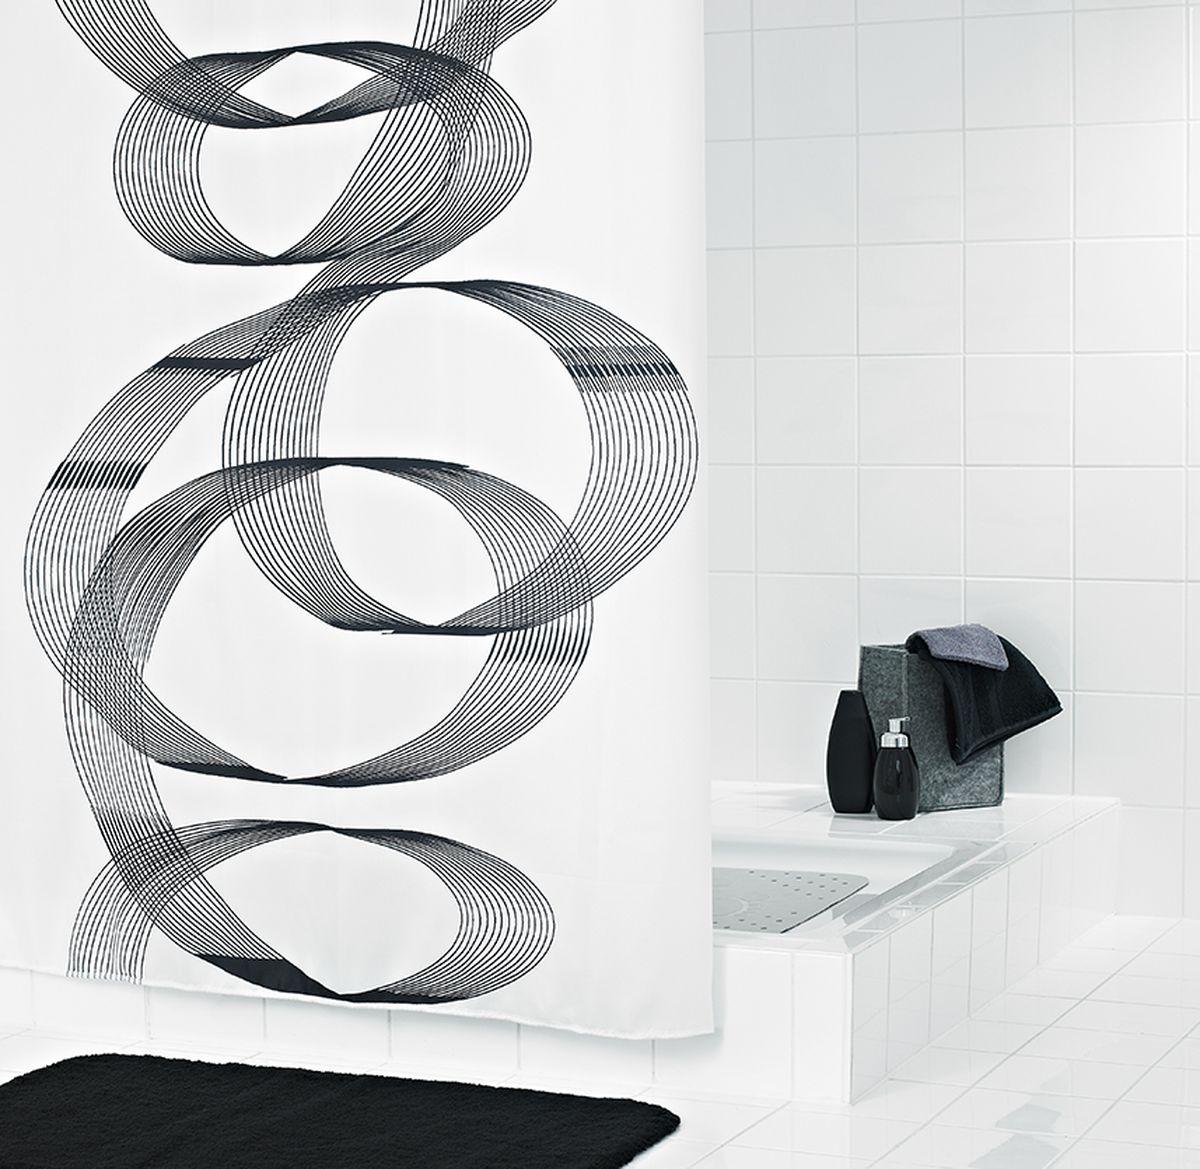 Штора для ванной комнаты Ridder Loop, цвет: черный, белый, 180 х 200 см штора для ванной комнаты vanstore zober цвет белый 180 х 180 см